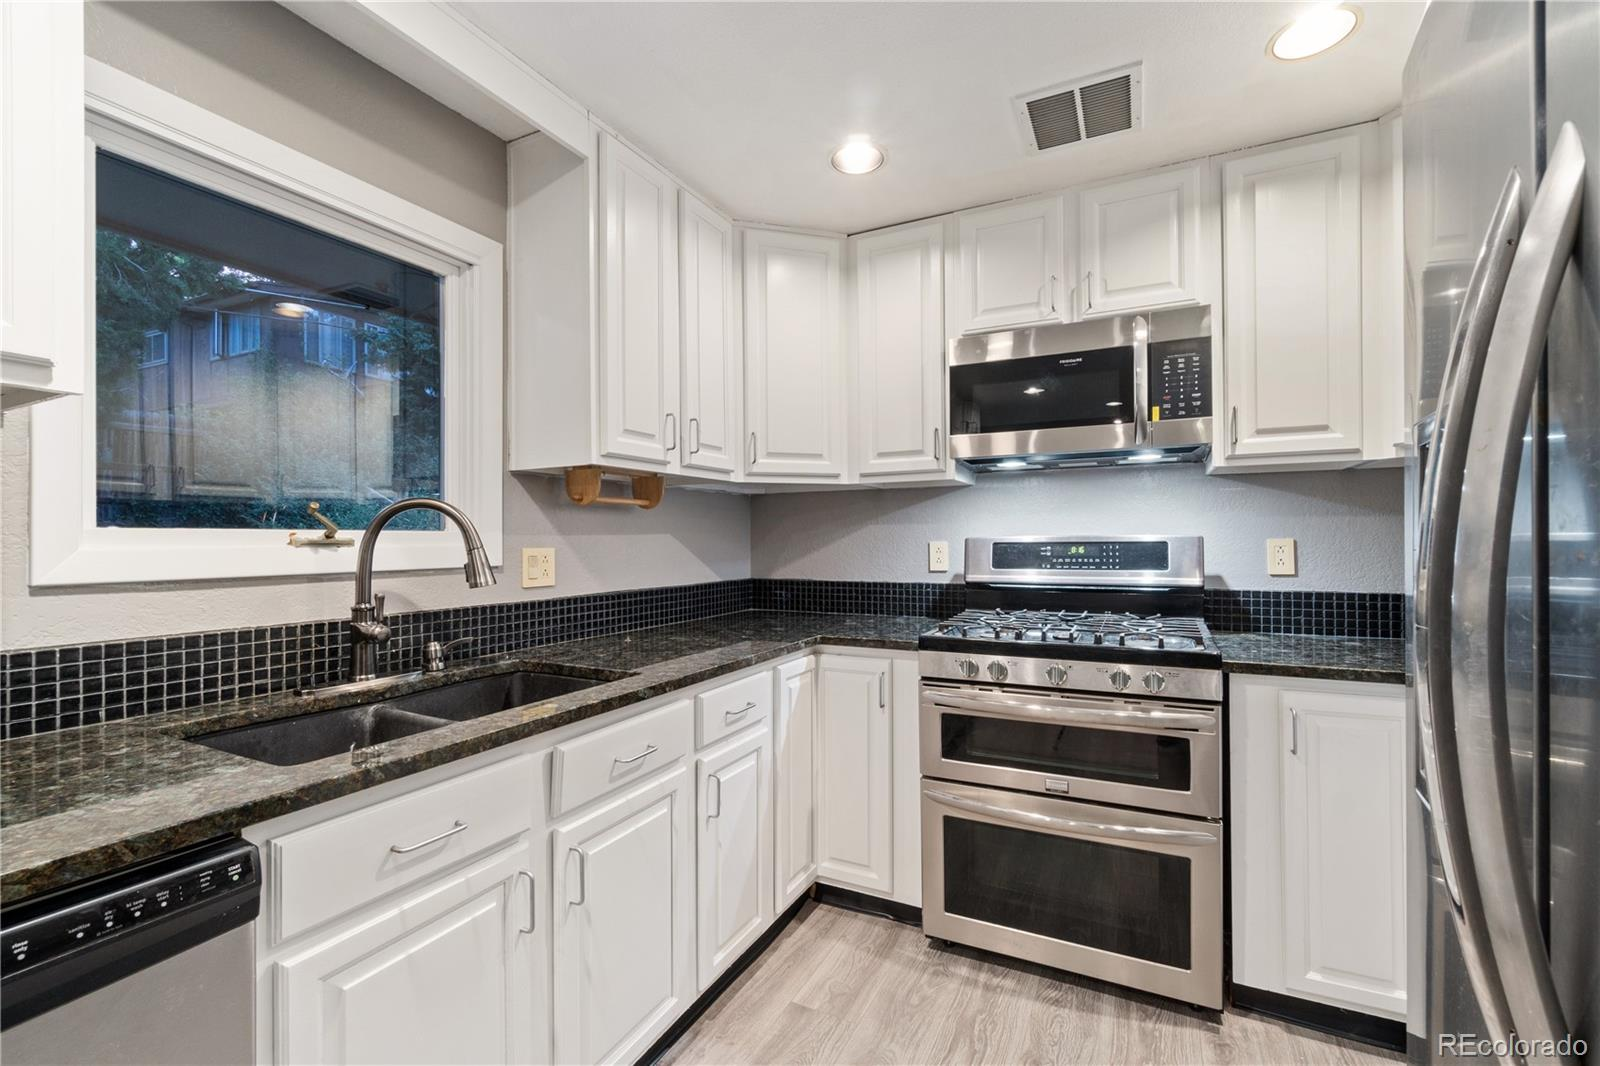 MLS# 8982790 - 6 - 735 S Braun Street, Lakewood, CO 80228